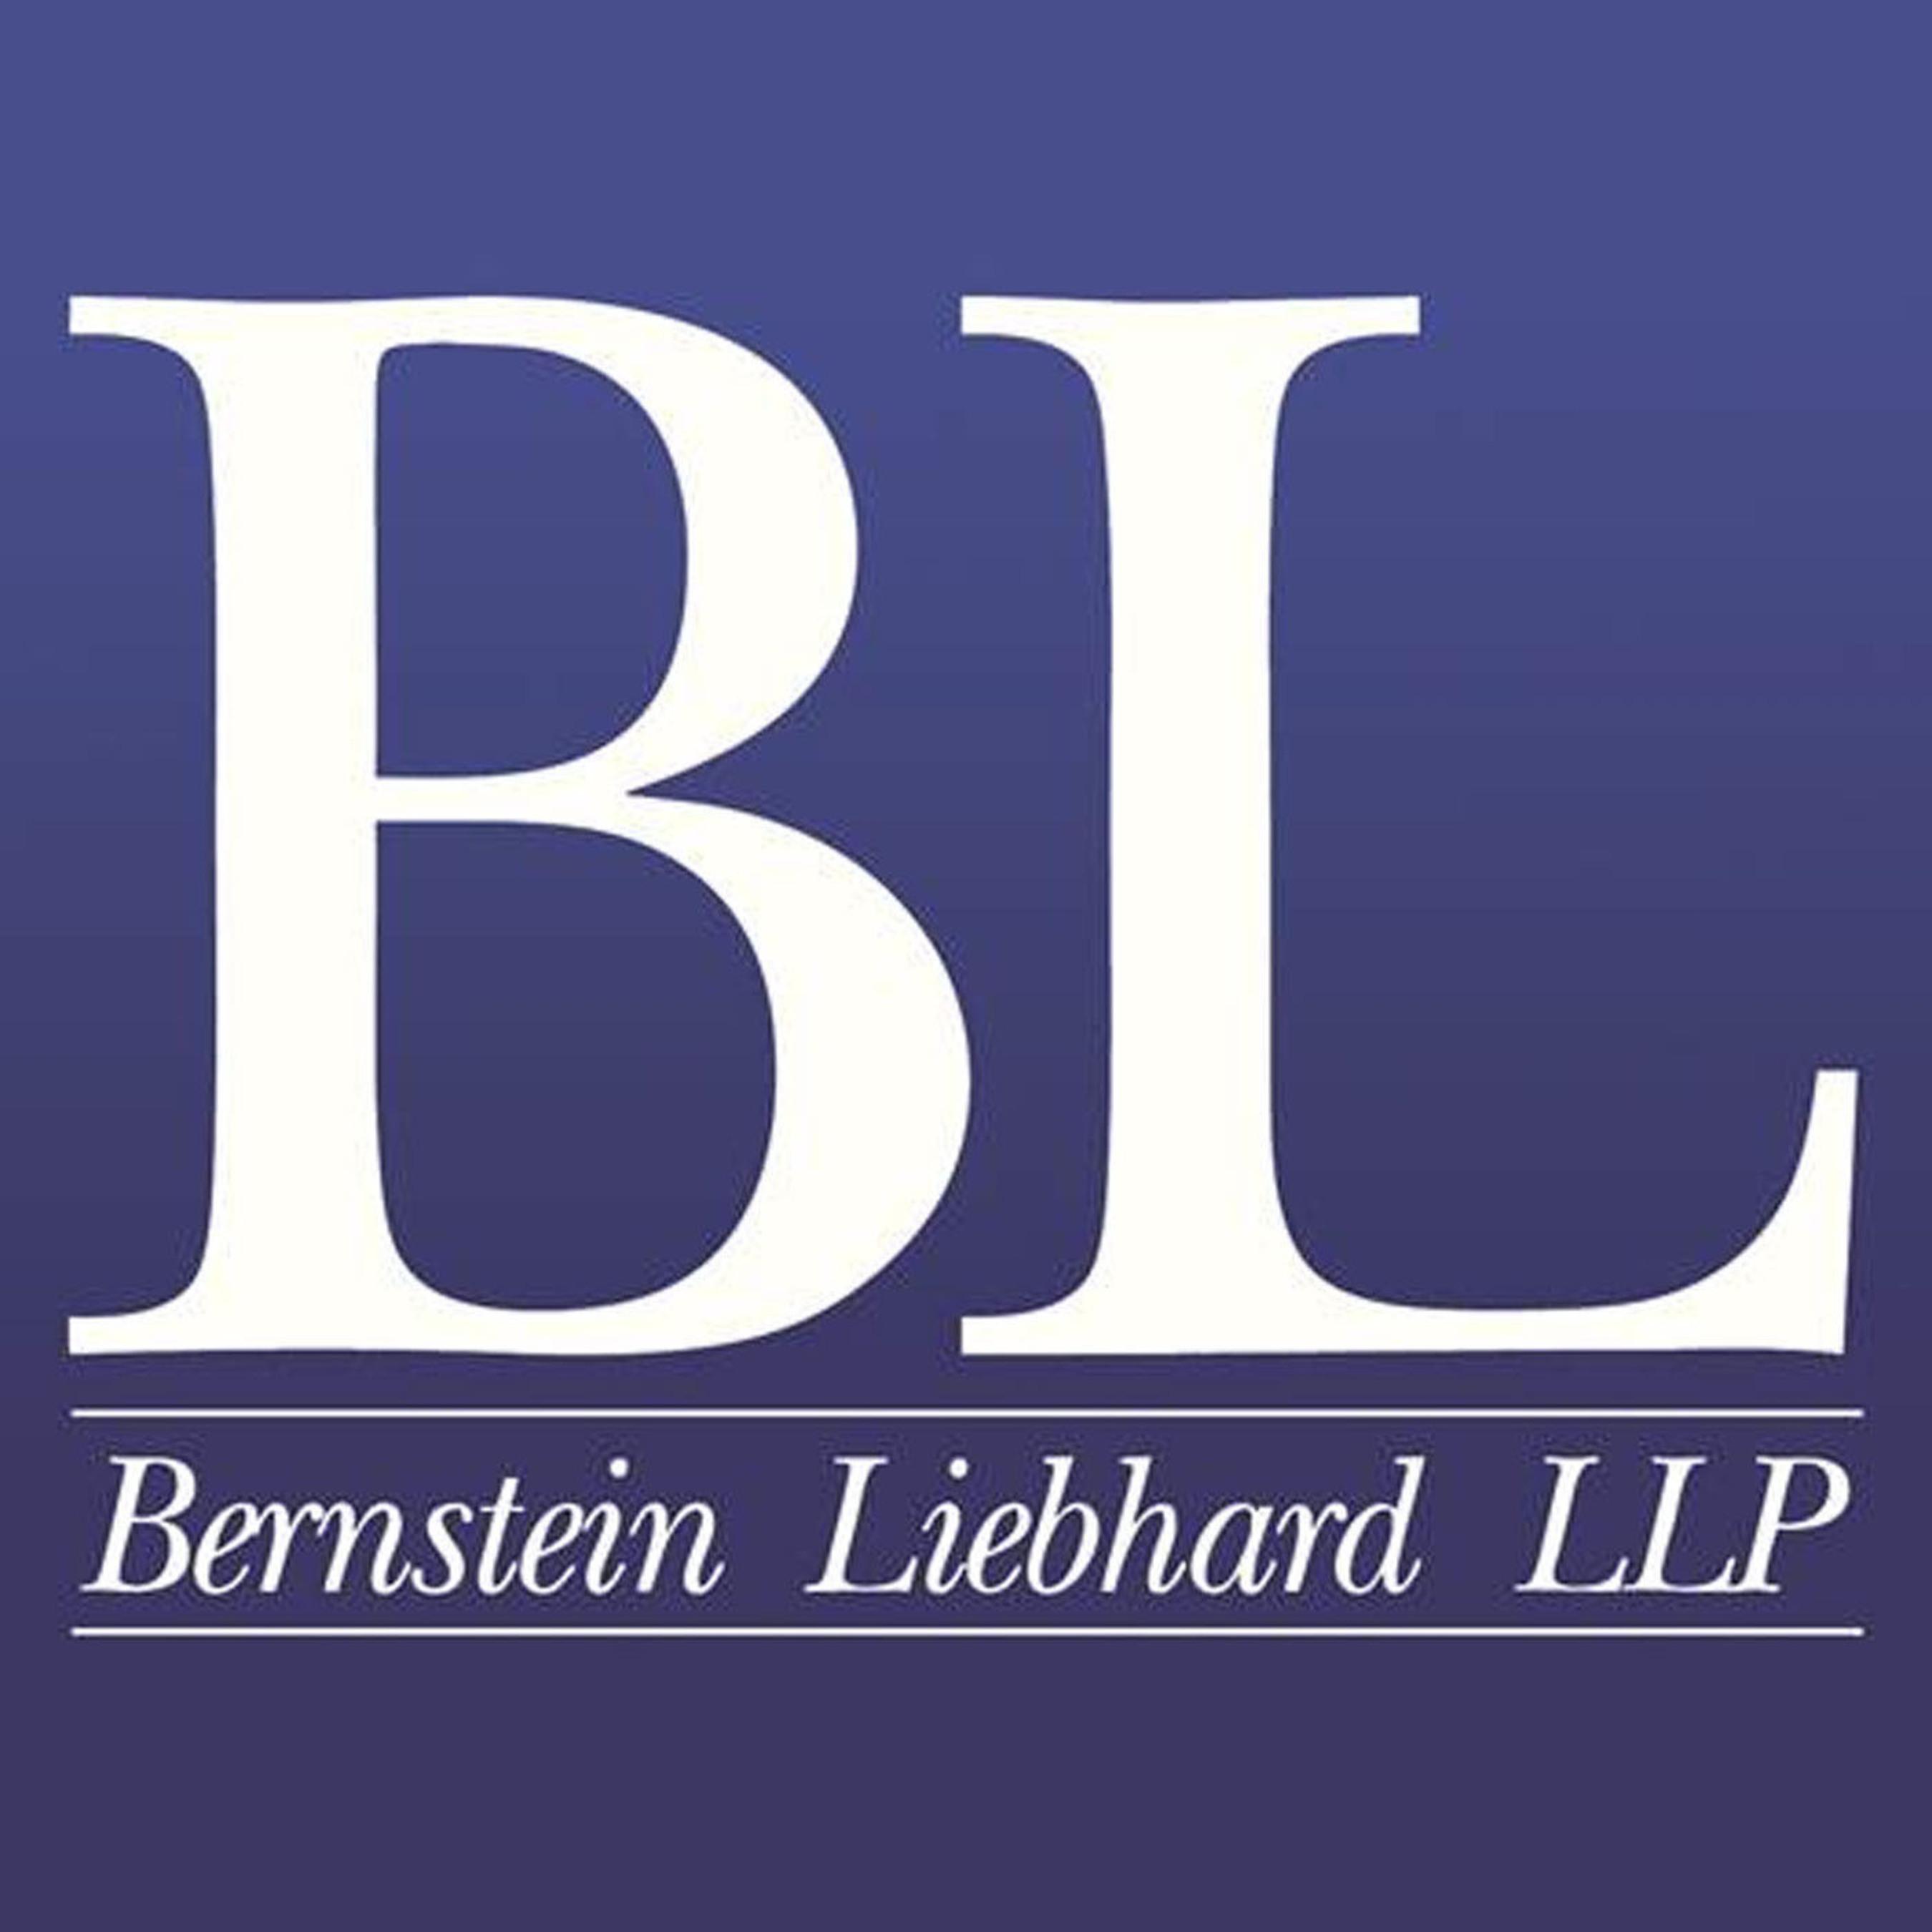 Bernstein Liebhard LLP.